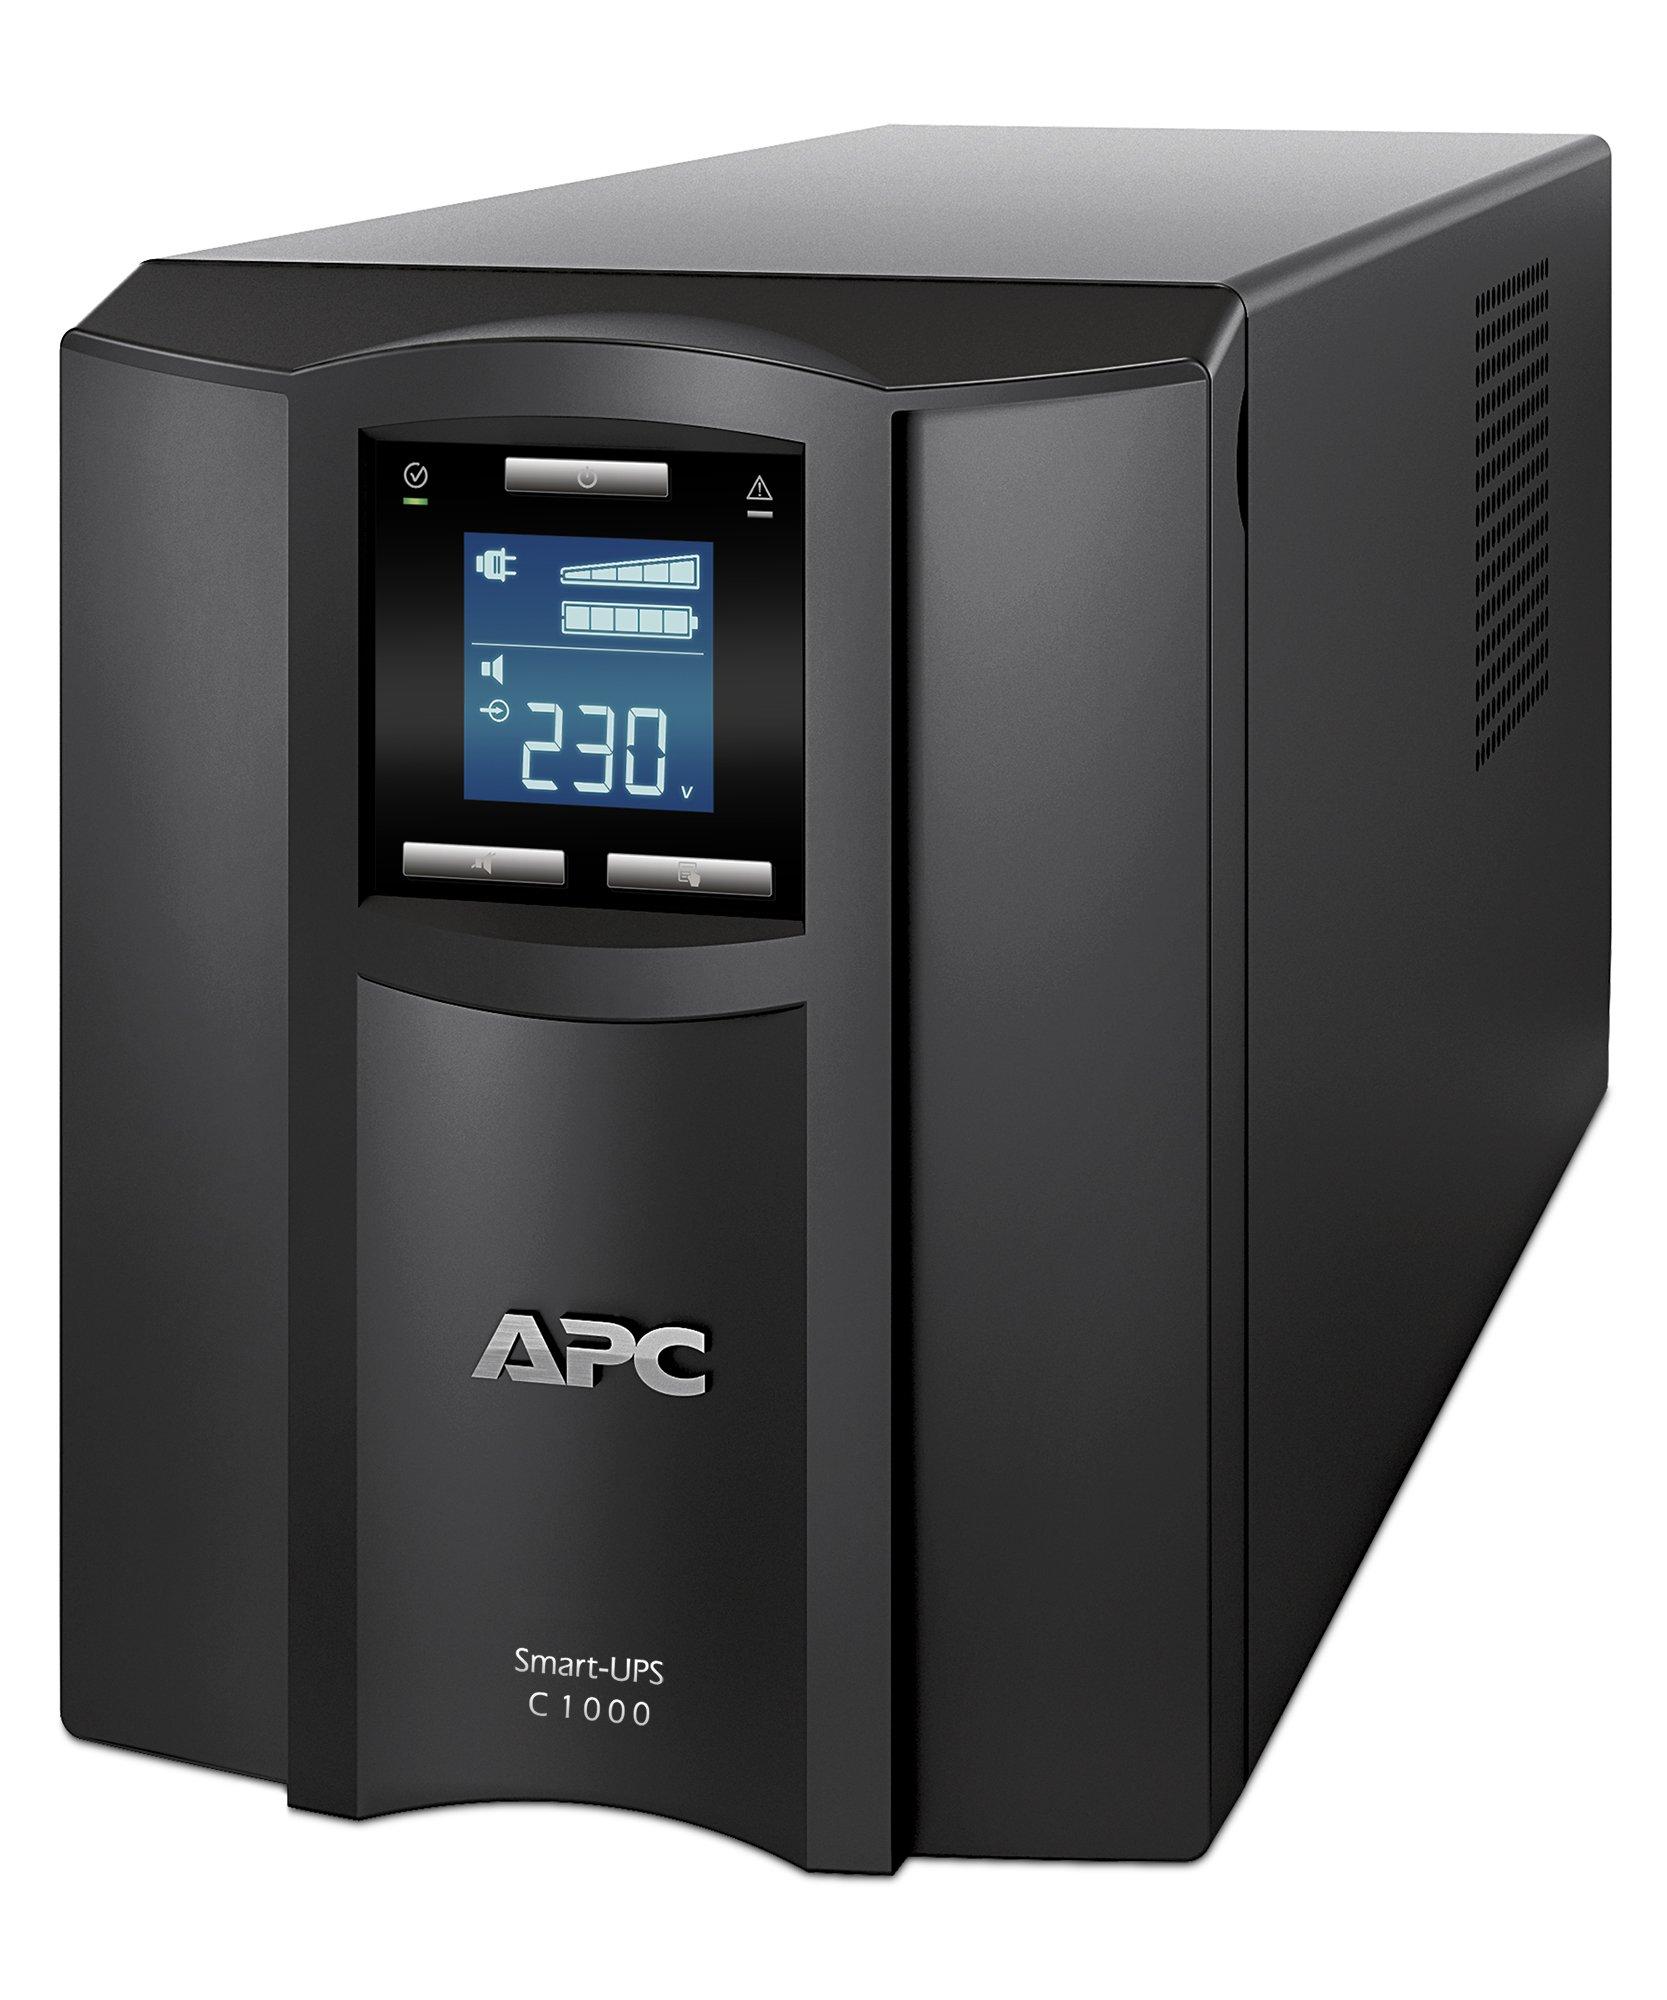 APC Cables APC Smart-UPS C 1000VA LCD 230V - 1 kVA/600 WTower 0.12 Hour, 0.33